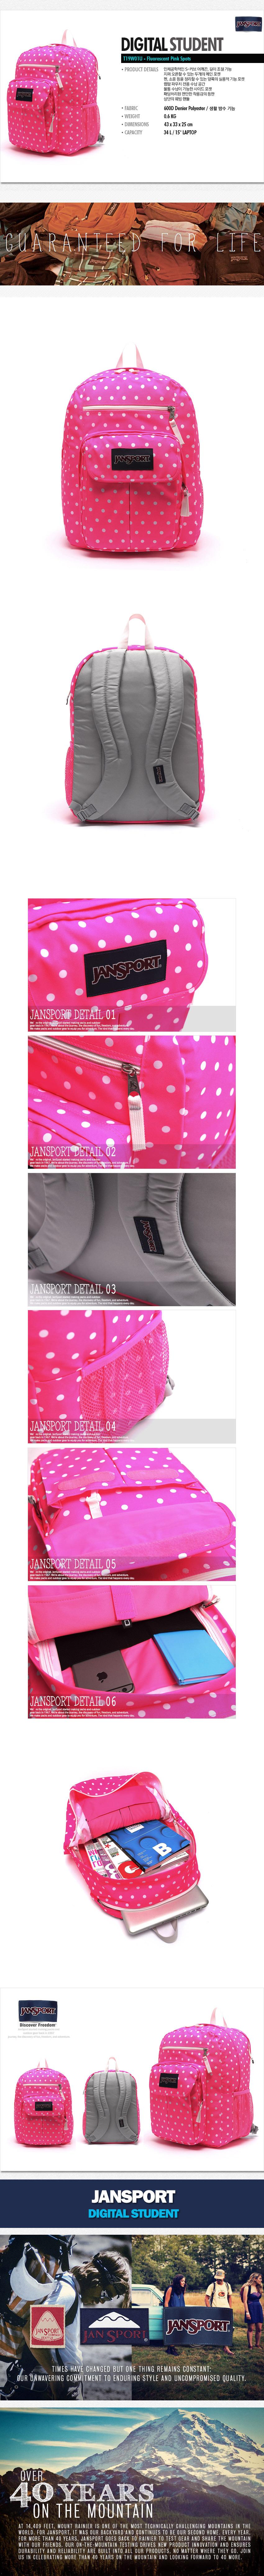 [잔스포츠]JANSPORT - 디지털 스튜던트 (T19W01U - Fluorescent Pink Spots) 잔스포츠코리아 정품 AS가능